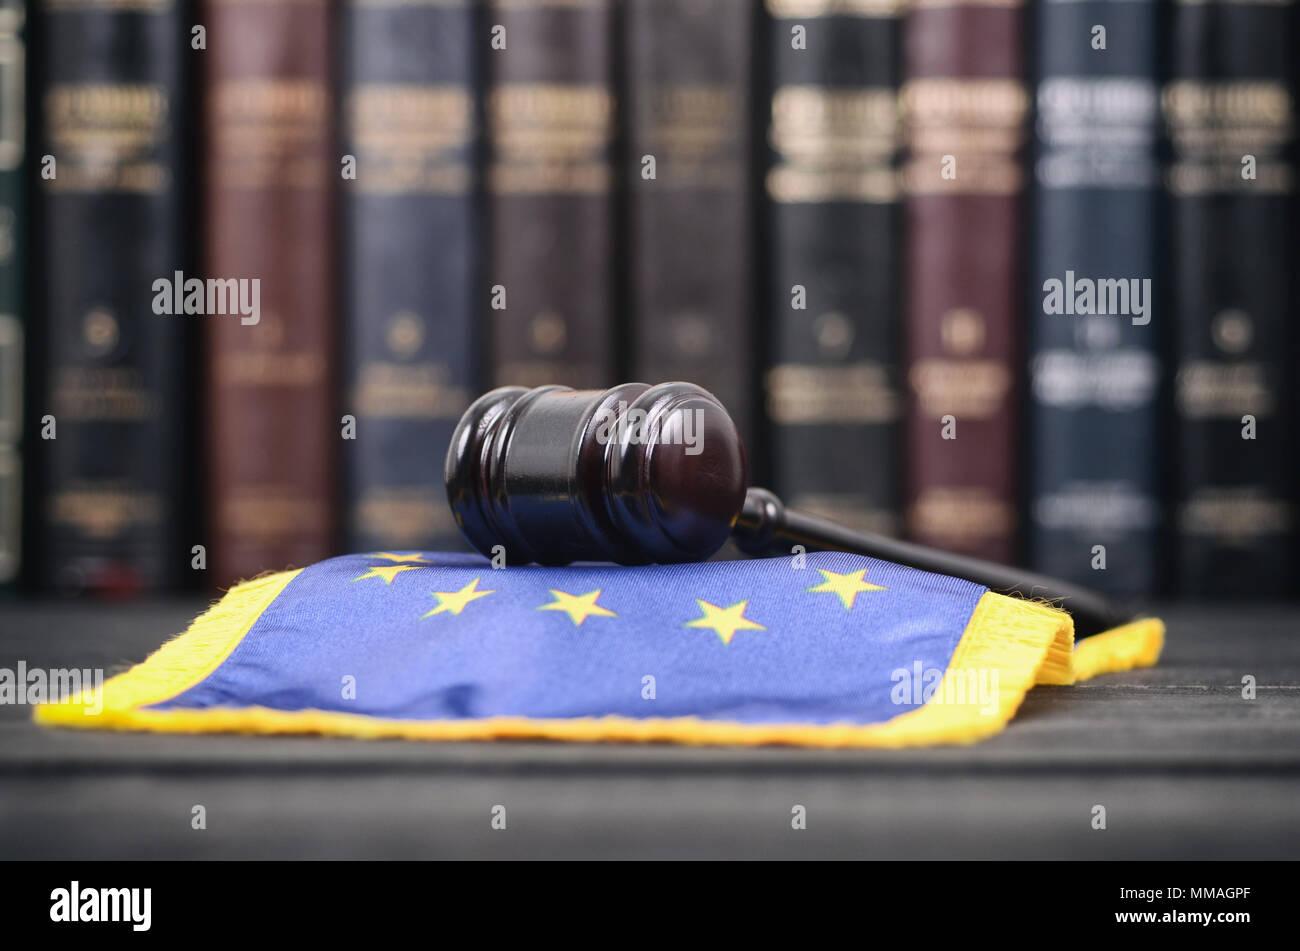 La ley y la justicia, el concepto de legalidad, biblioteca de derecho, el juez Martillo y Estados Unidos de América bandera negra sobre un fondo de madera. Foto de stock